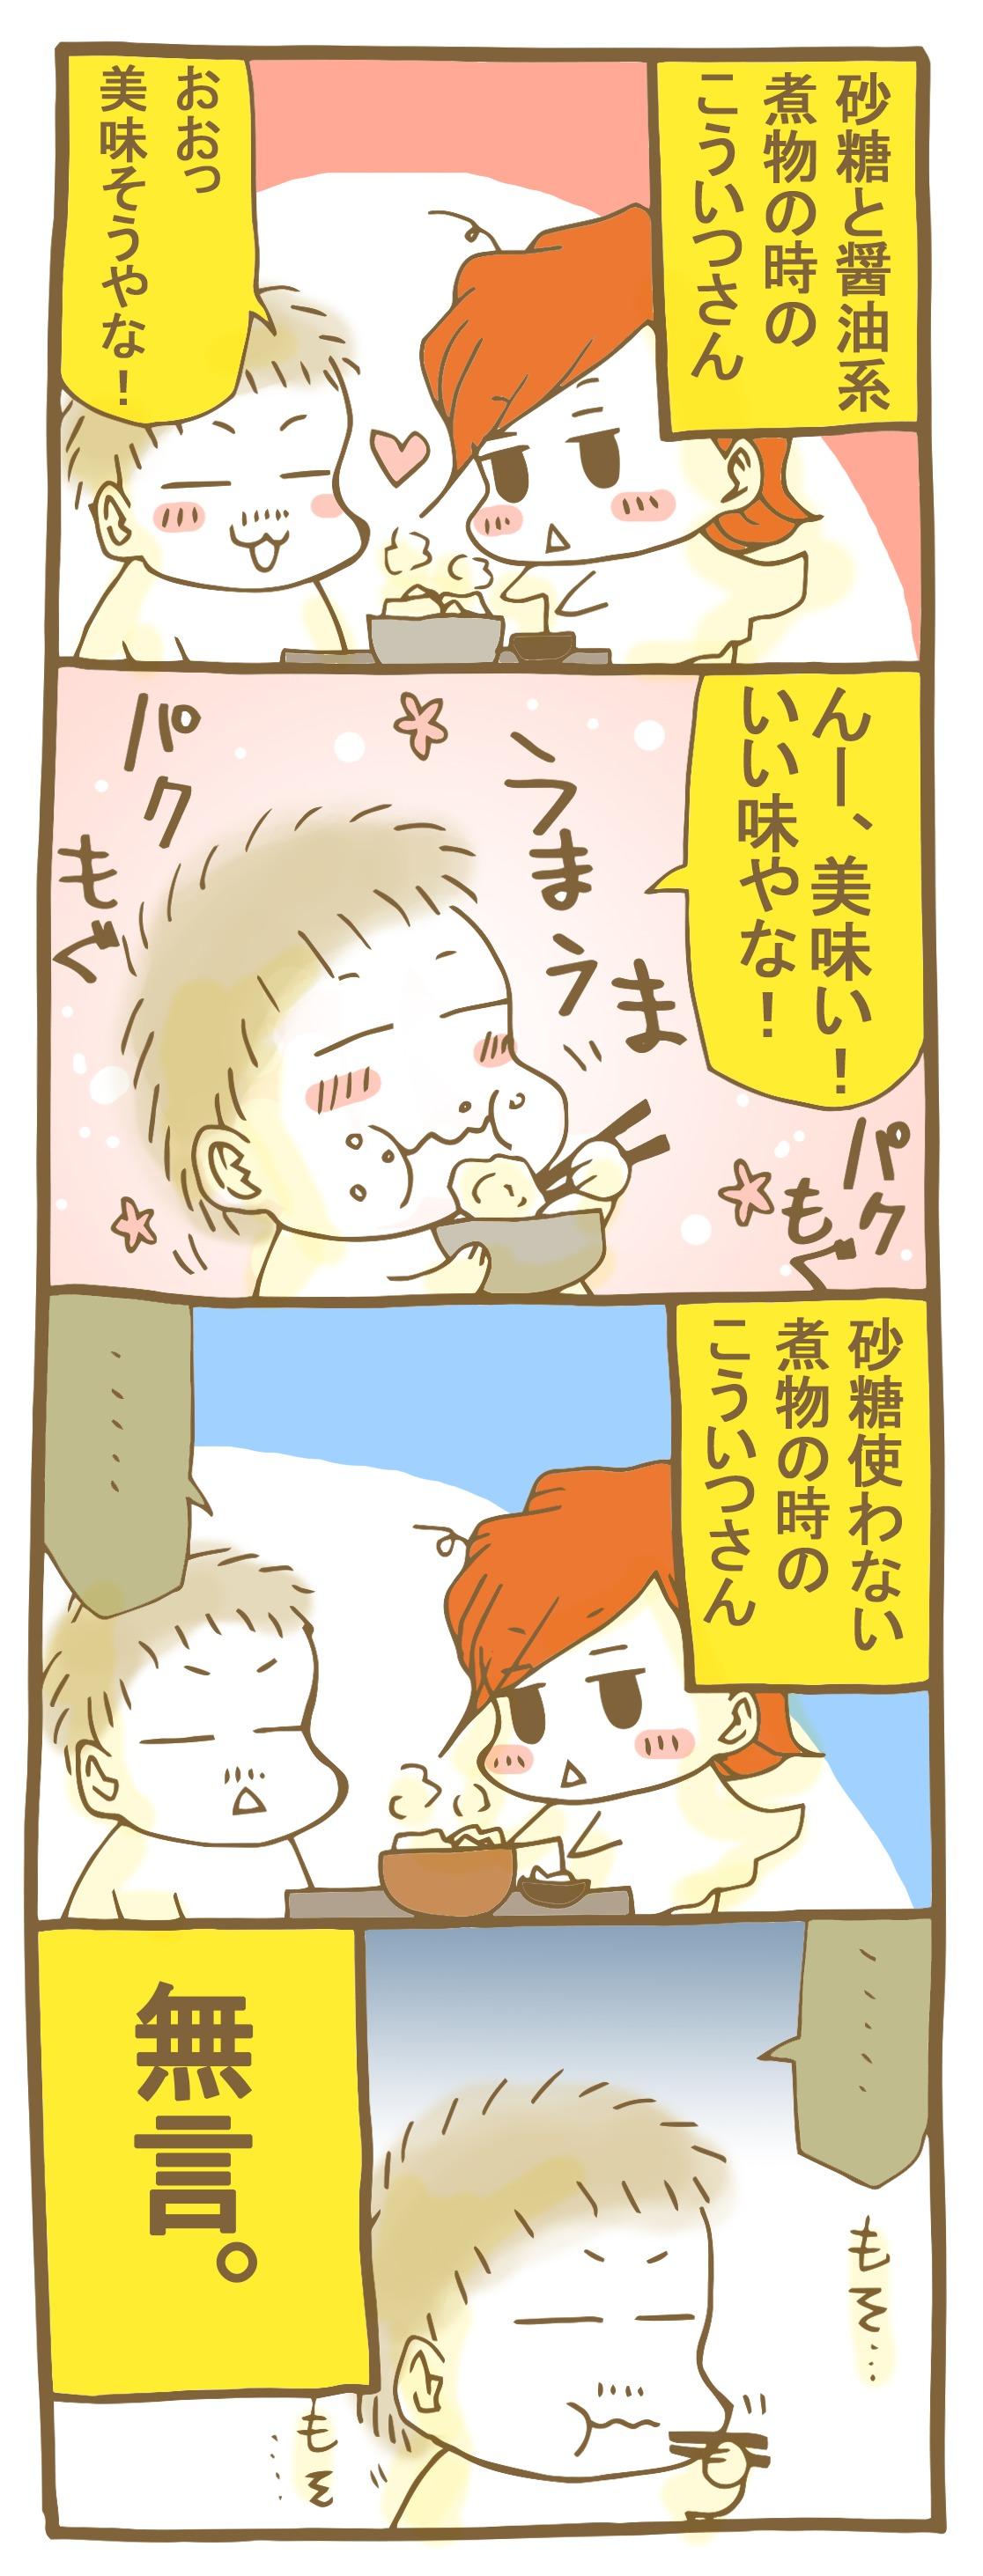 九州男児は甘いおかずがお好き